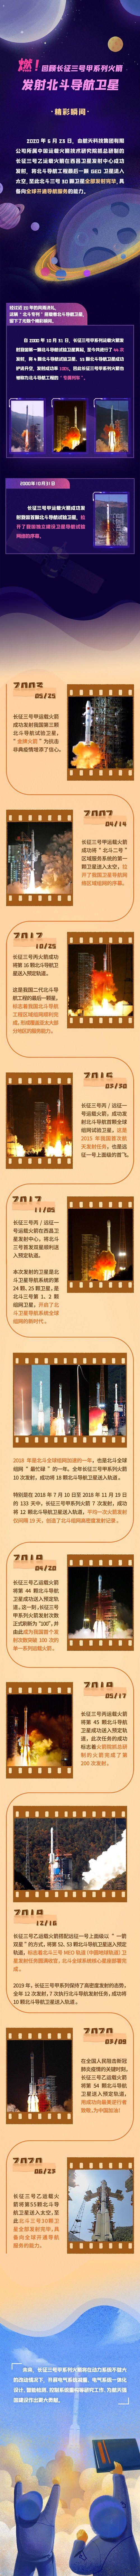 一图回顾:长三甲系列火箭发射北斗导航卫星全纪录